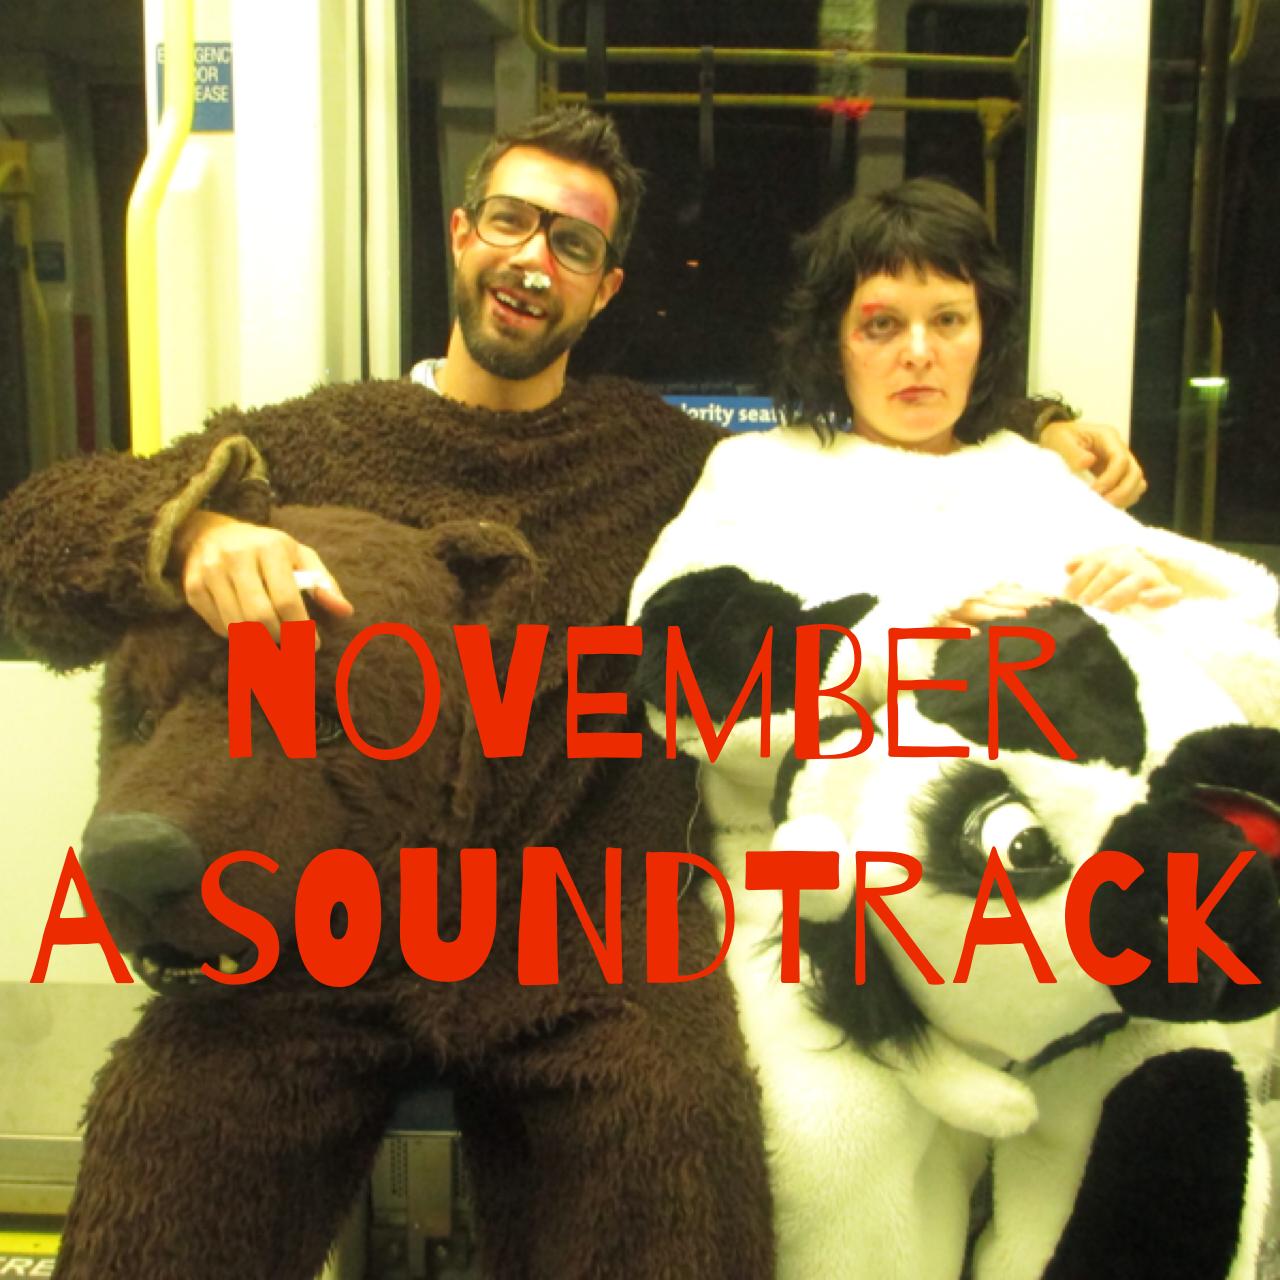 November: A Soundtrack